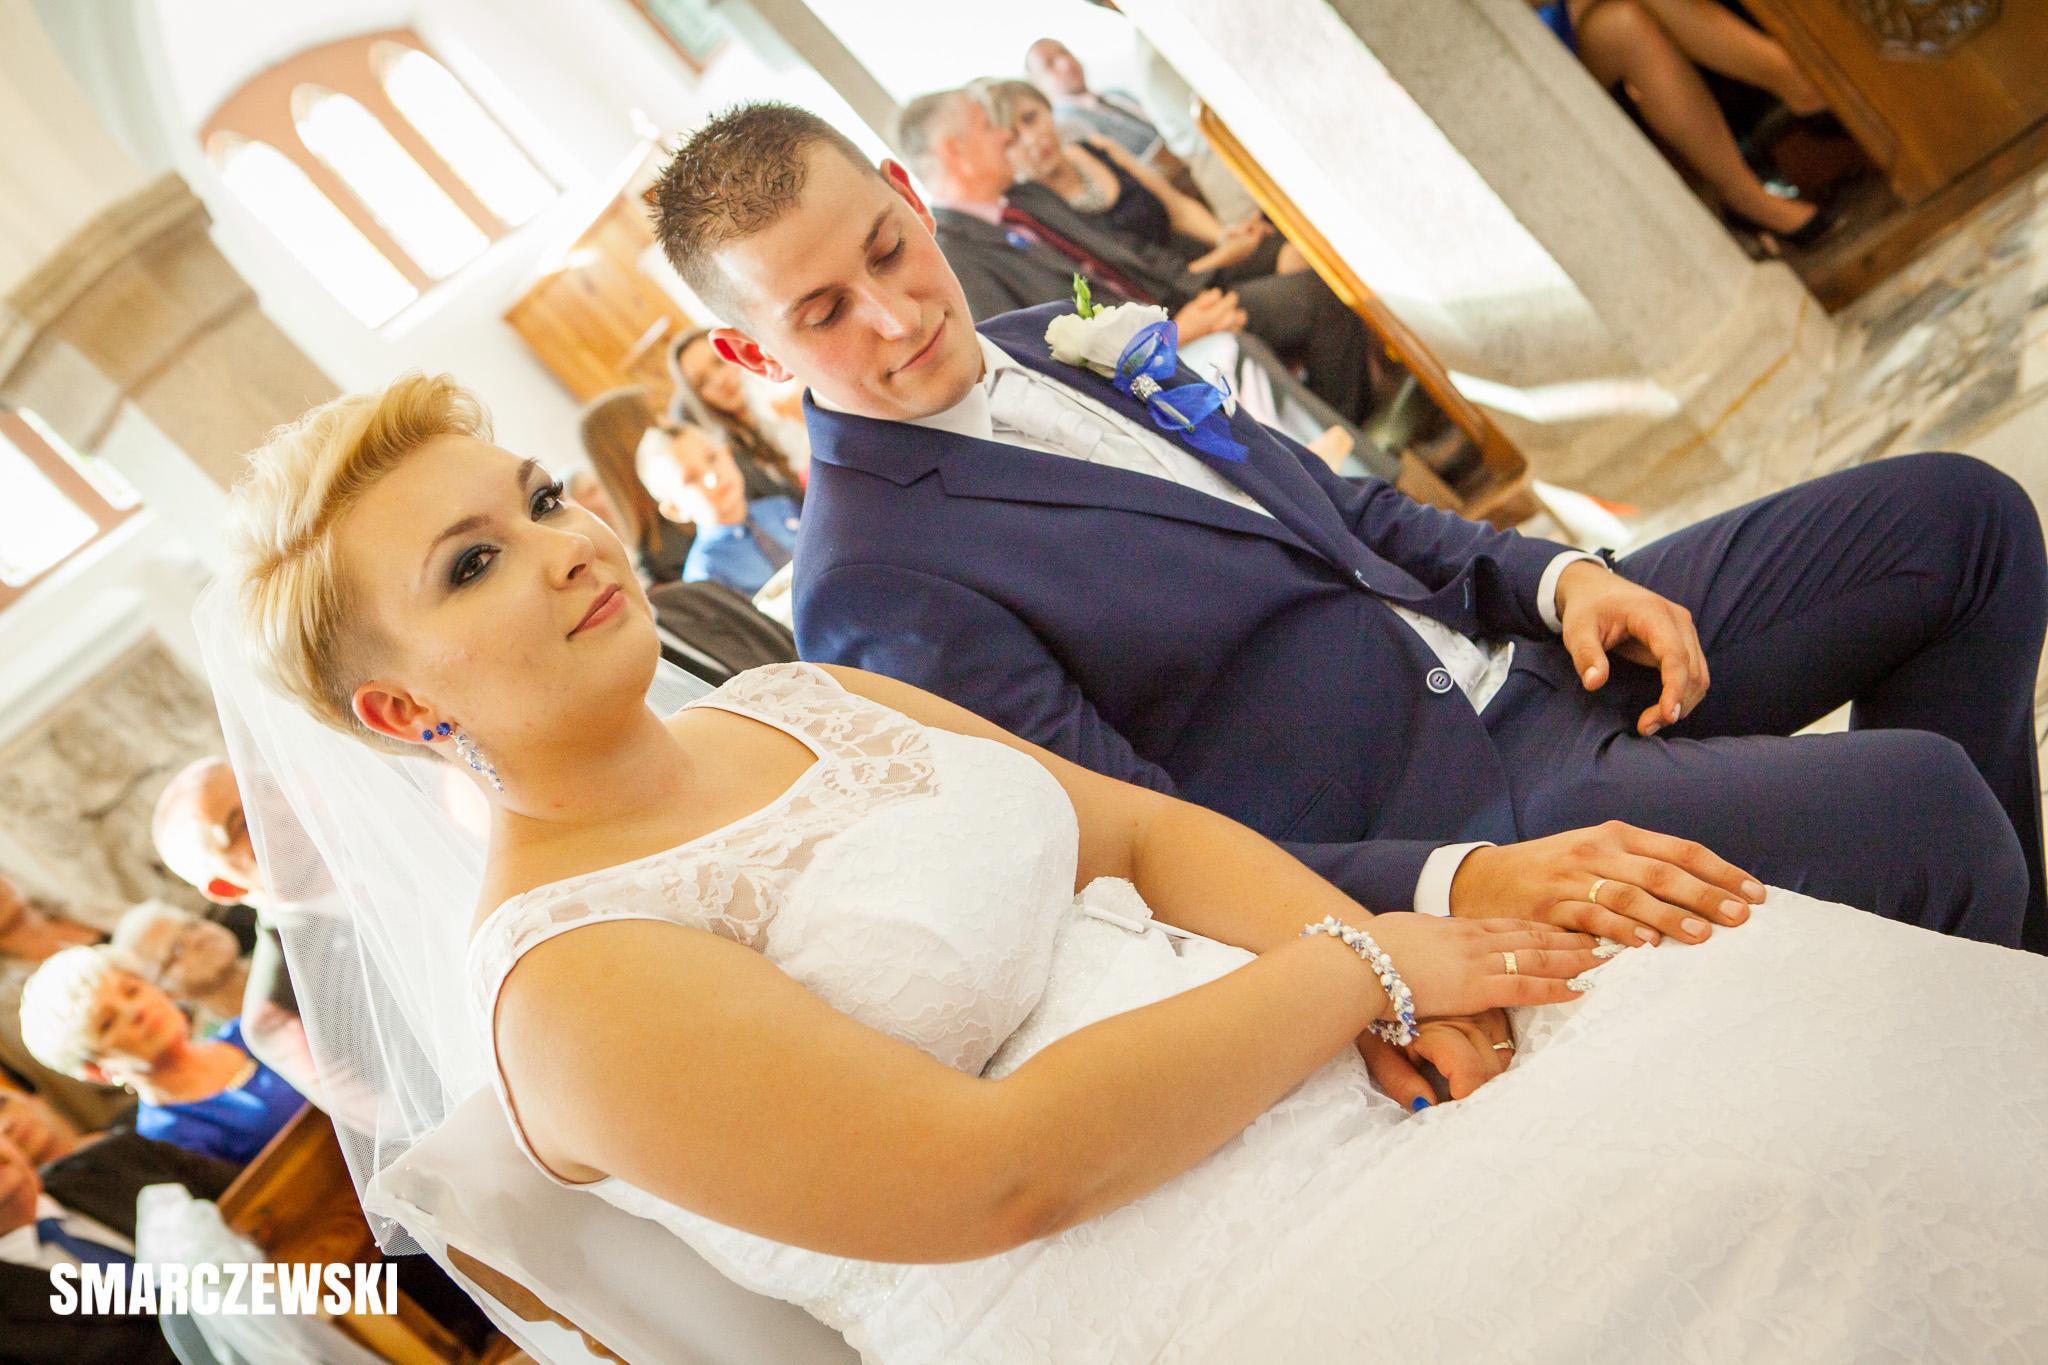 Smarczewski - kompleksowa obsługa ślubów i wesel